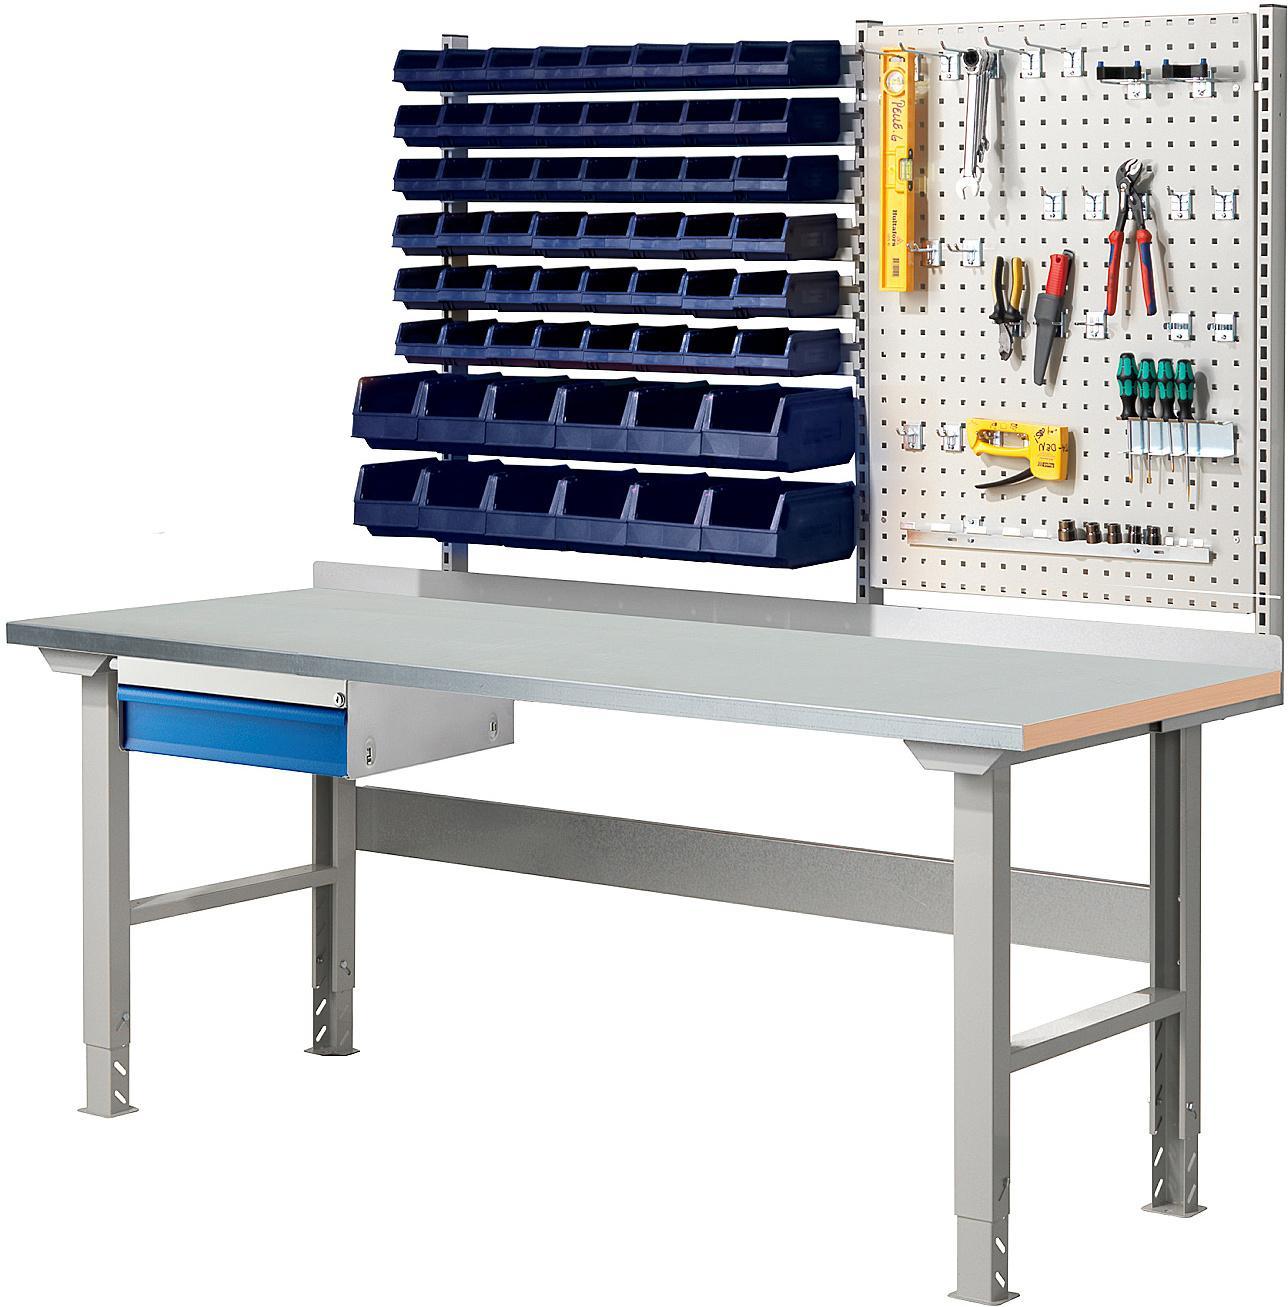 Dielenský stôl s boxmi a panelom na náradie Solid 750, 2000x800 mm, oceľ